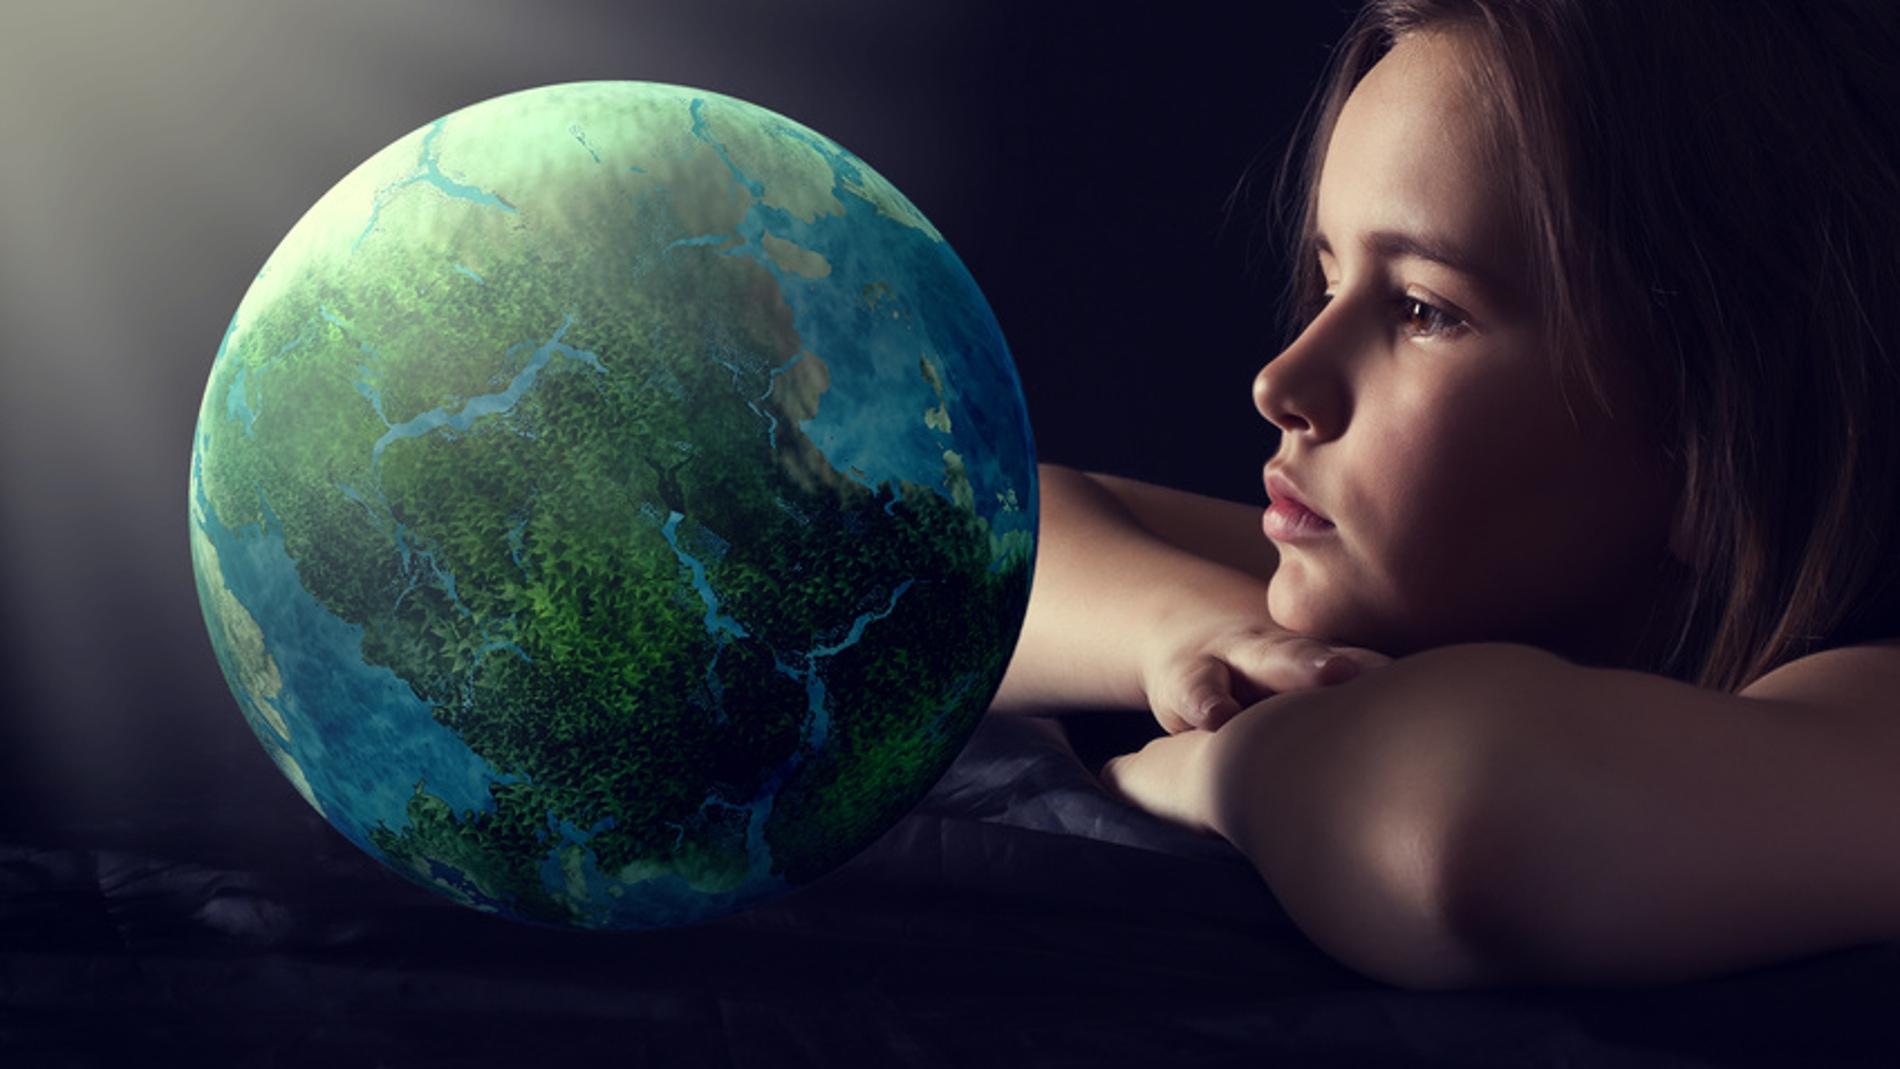 Los impactos ambientales generados por l